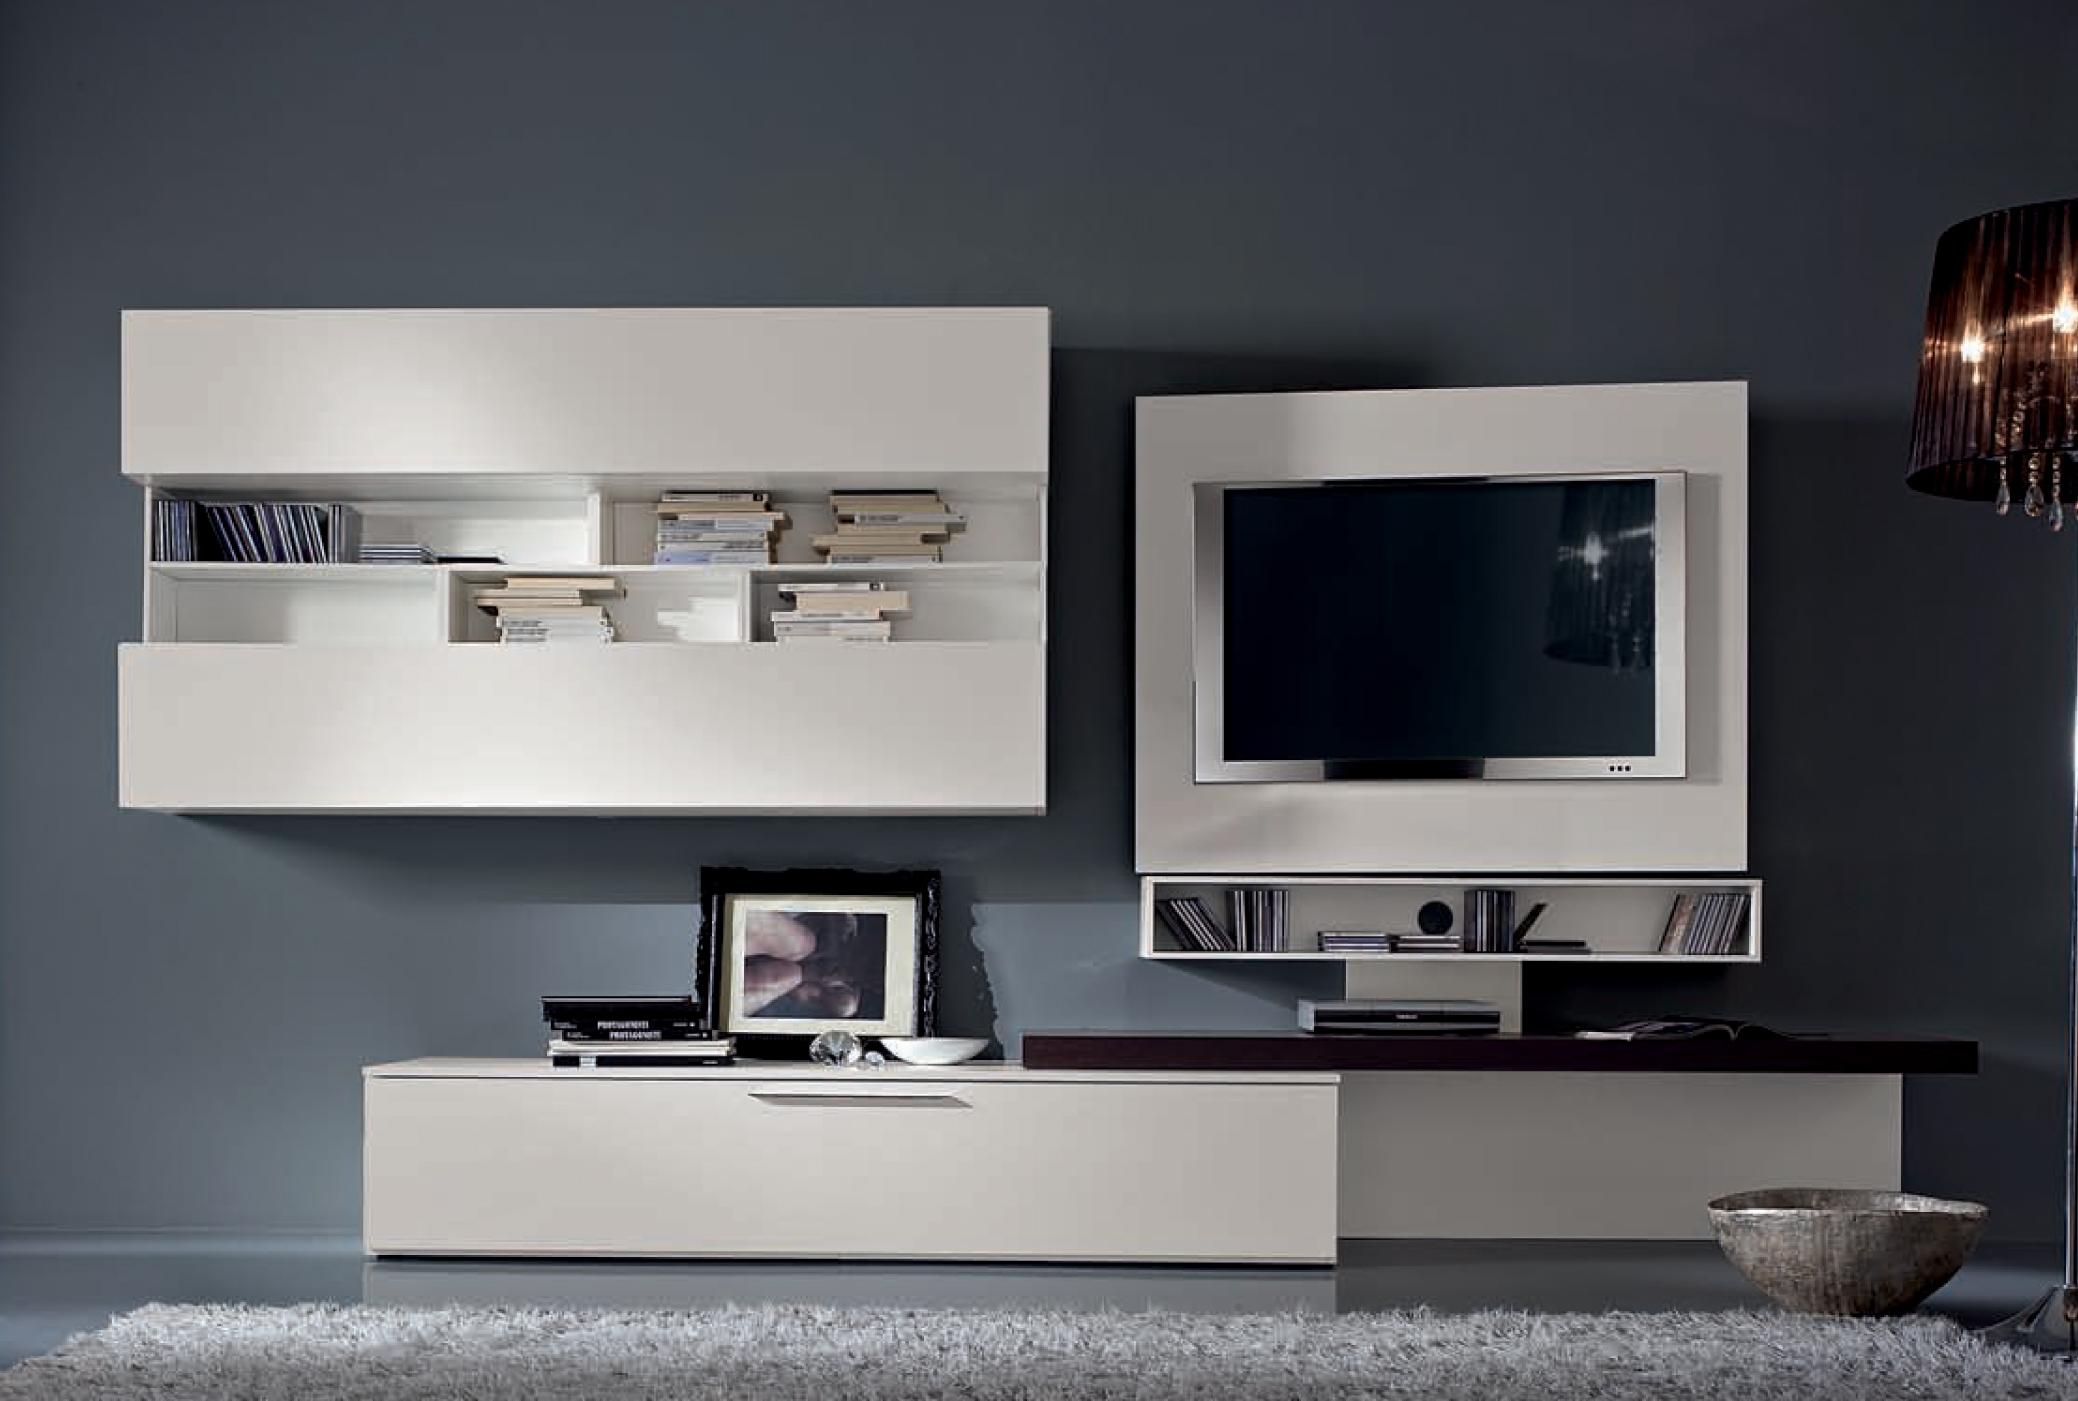 Parete Tv con pannello orientabile scontata - Soggiorni a prezzi scontati